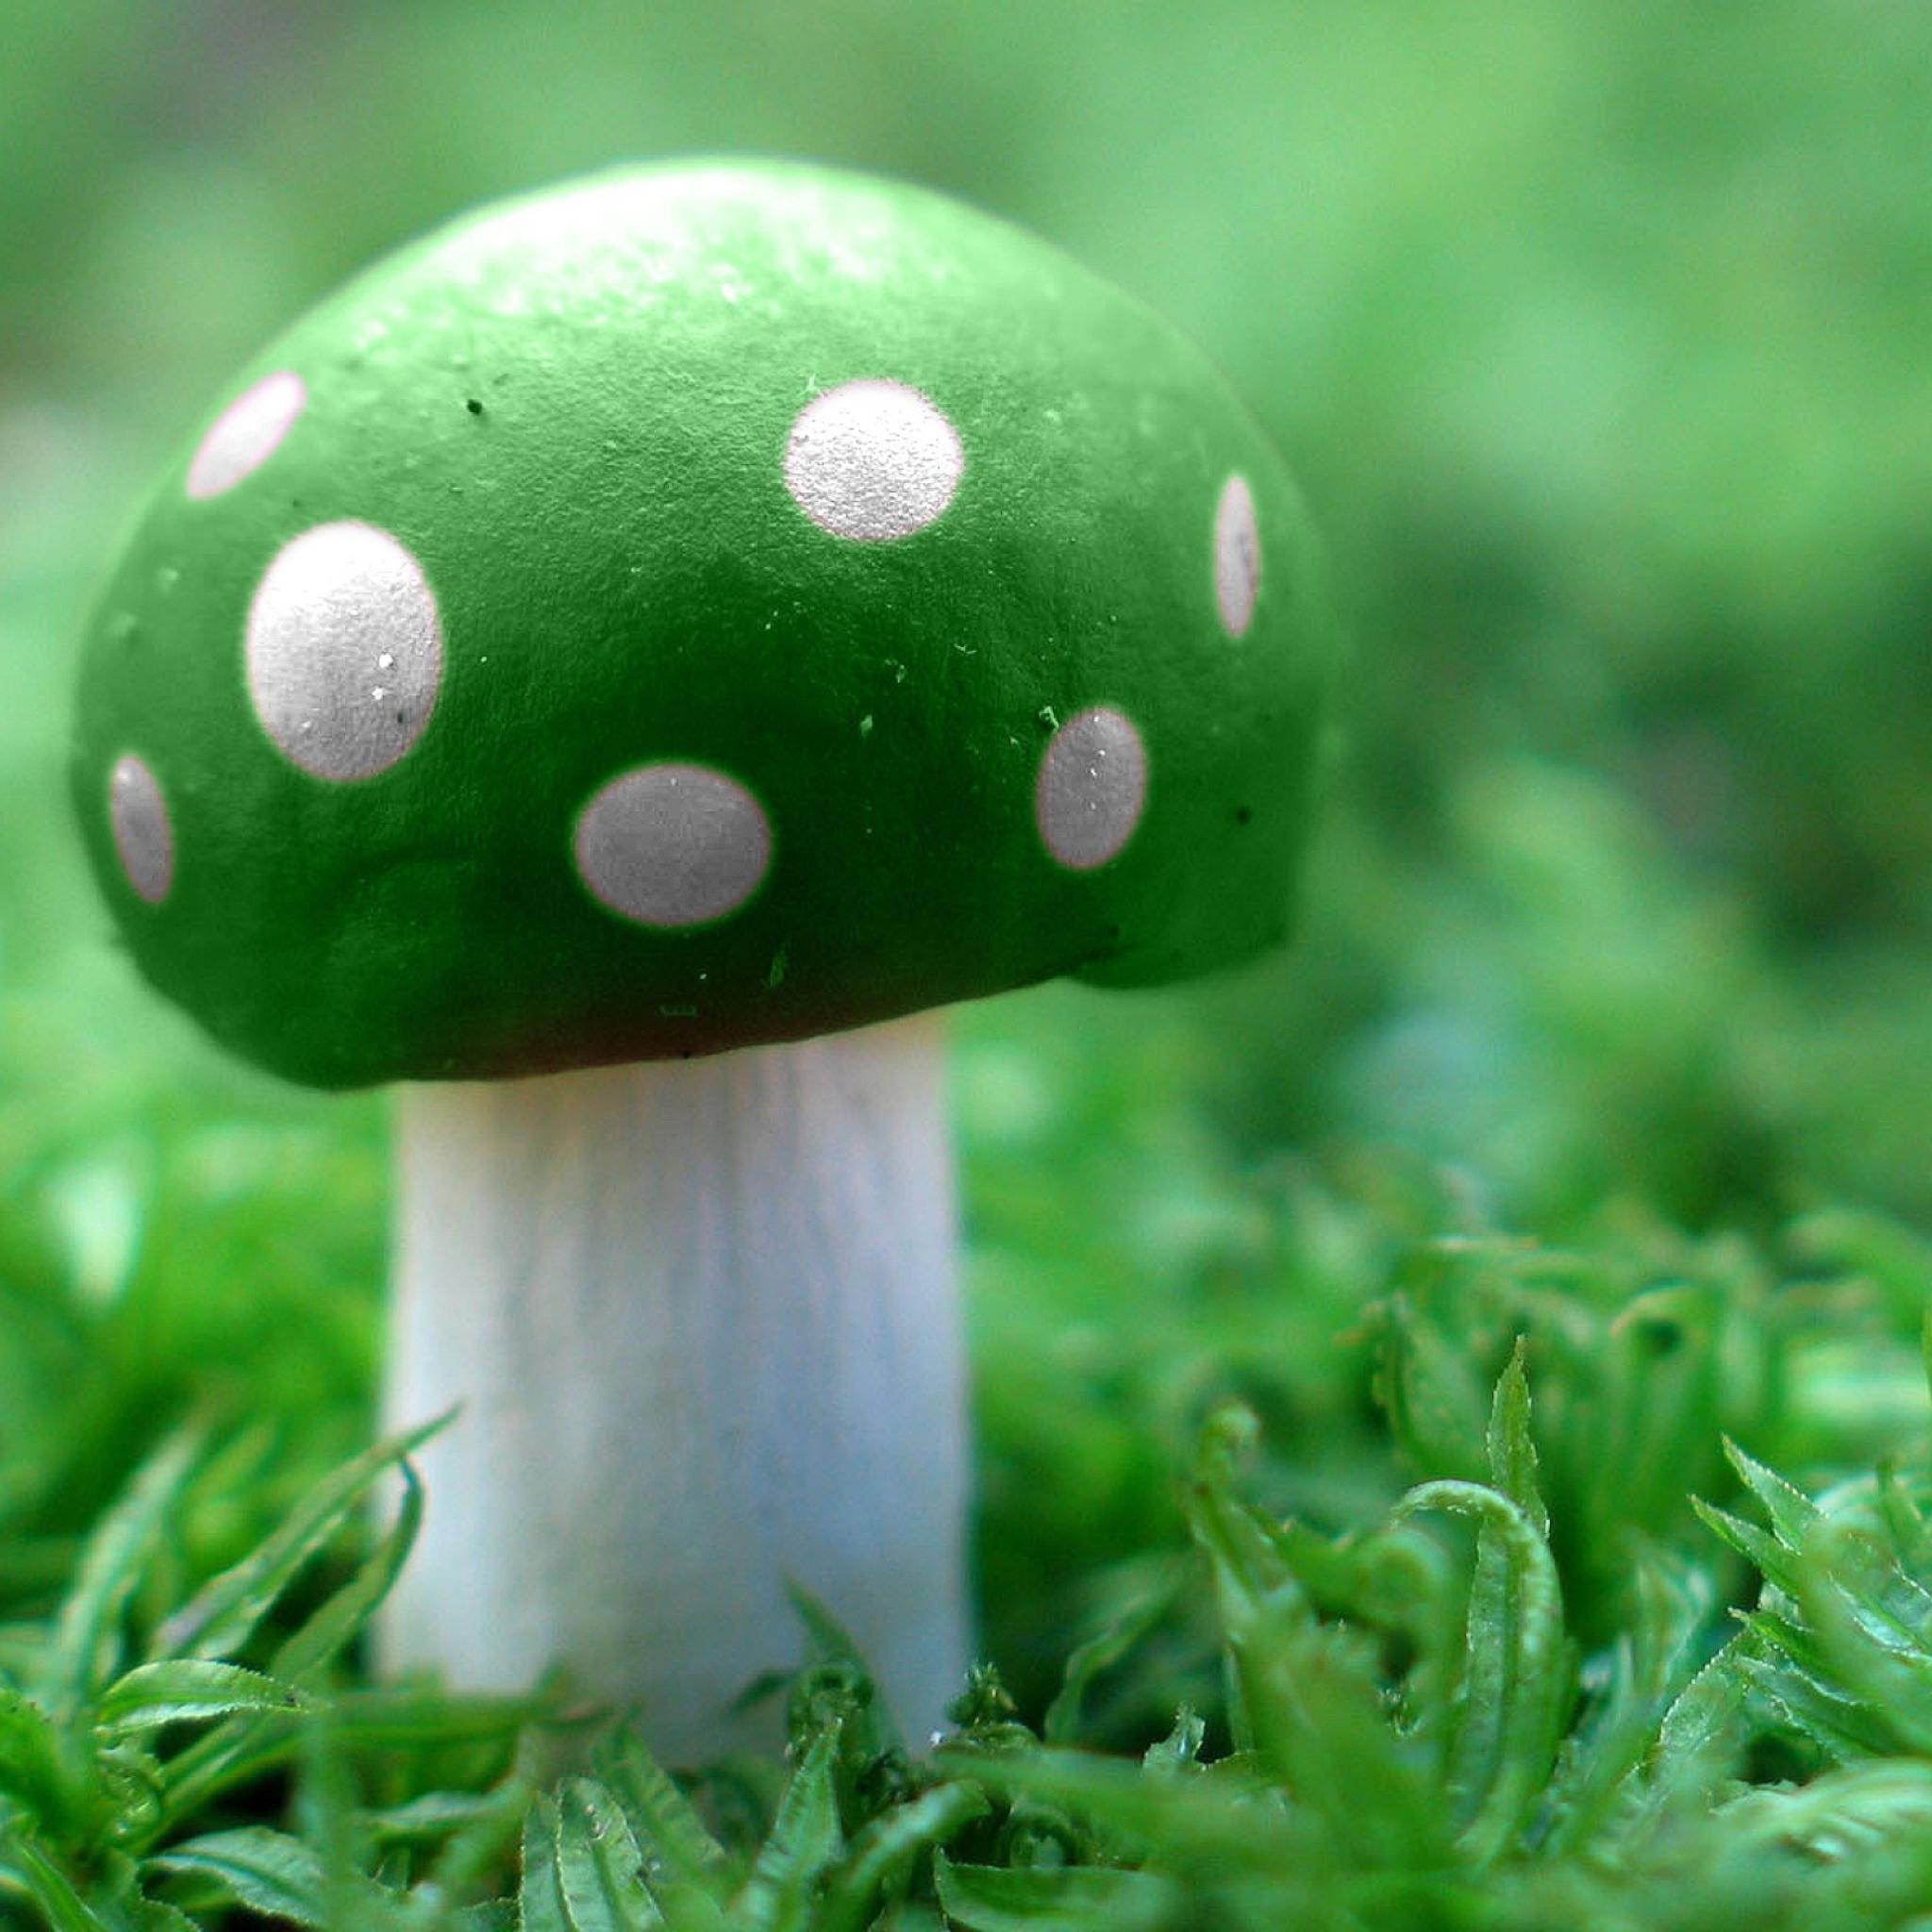 Картинки грибов смешных